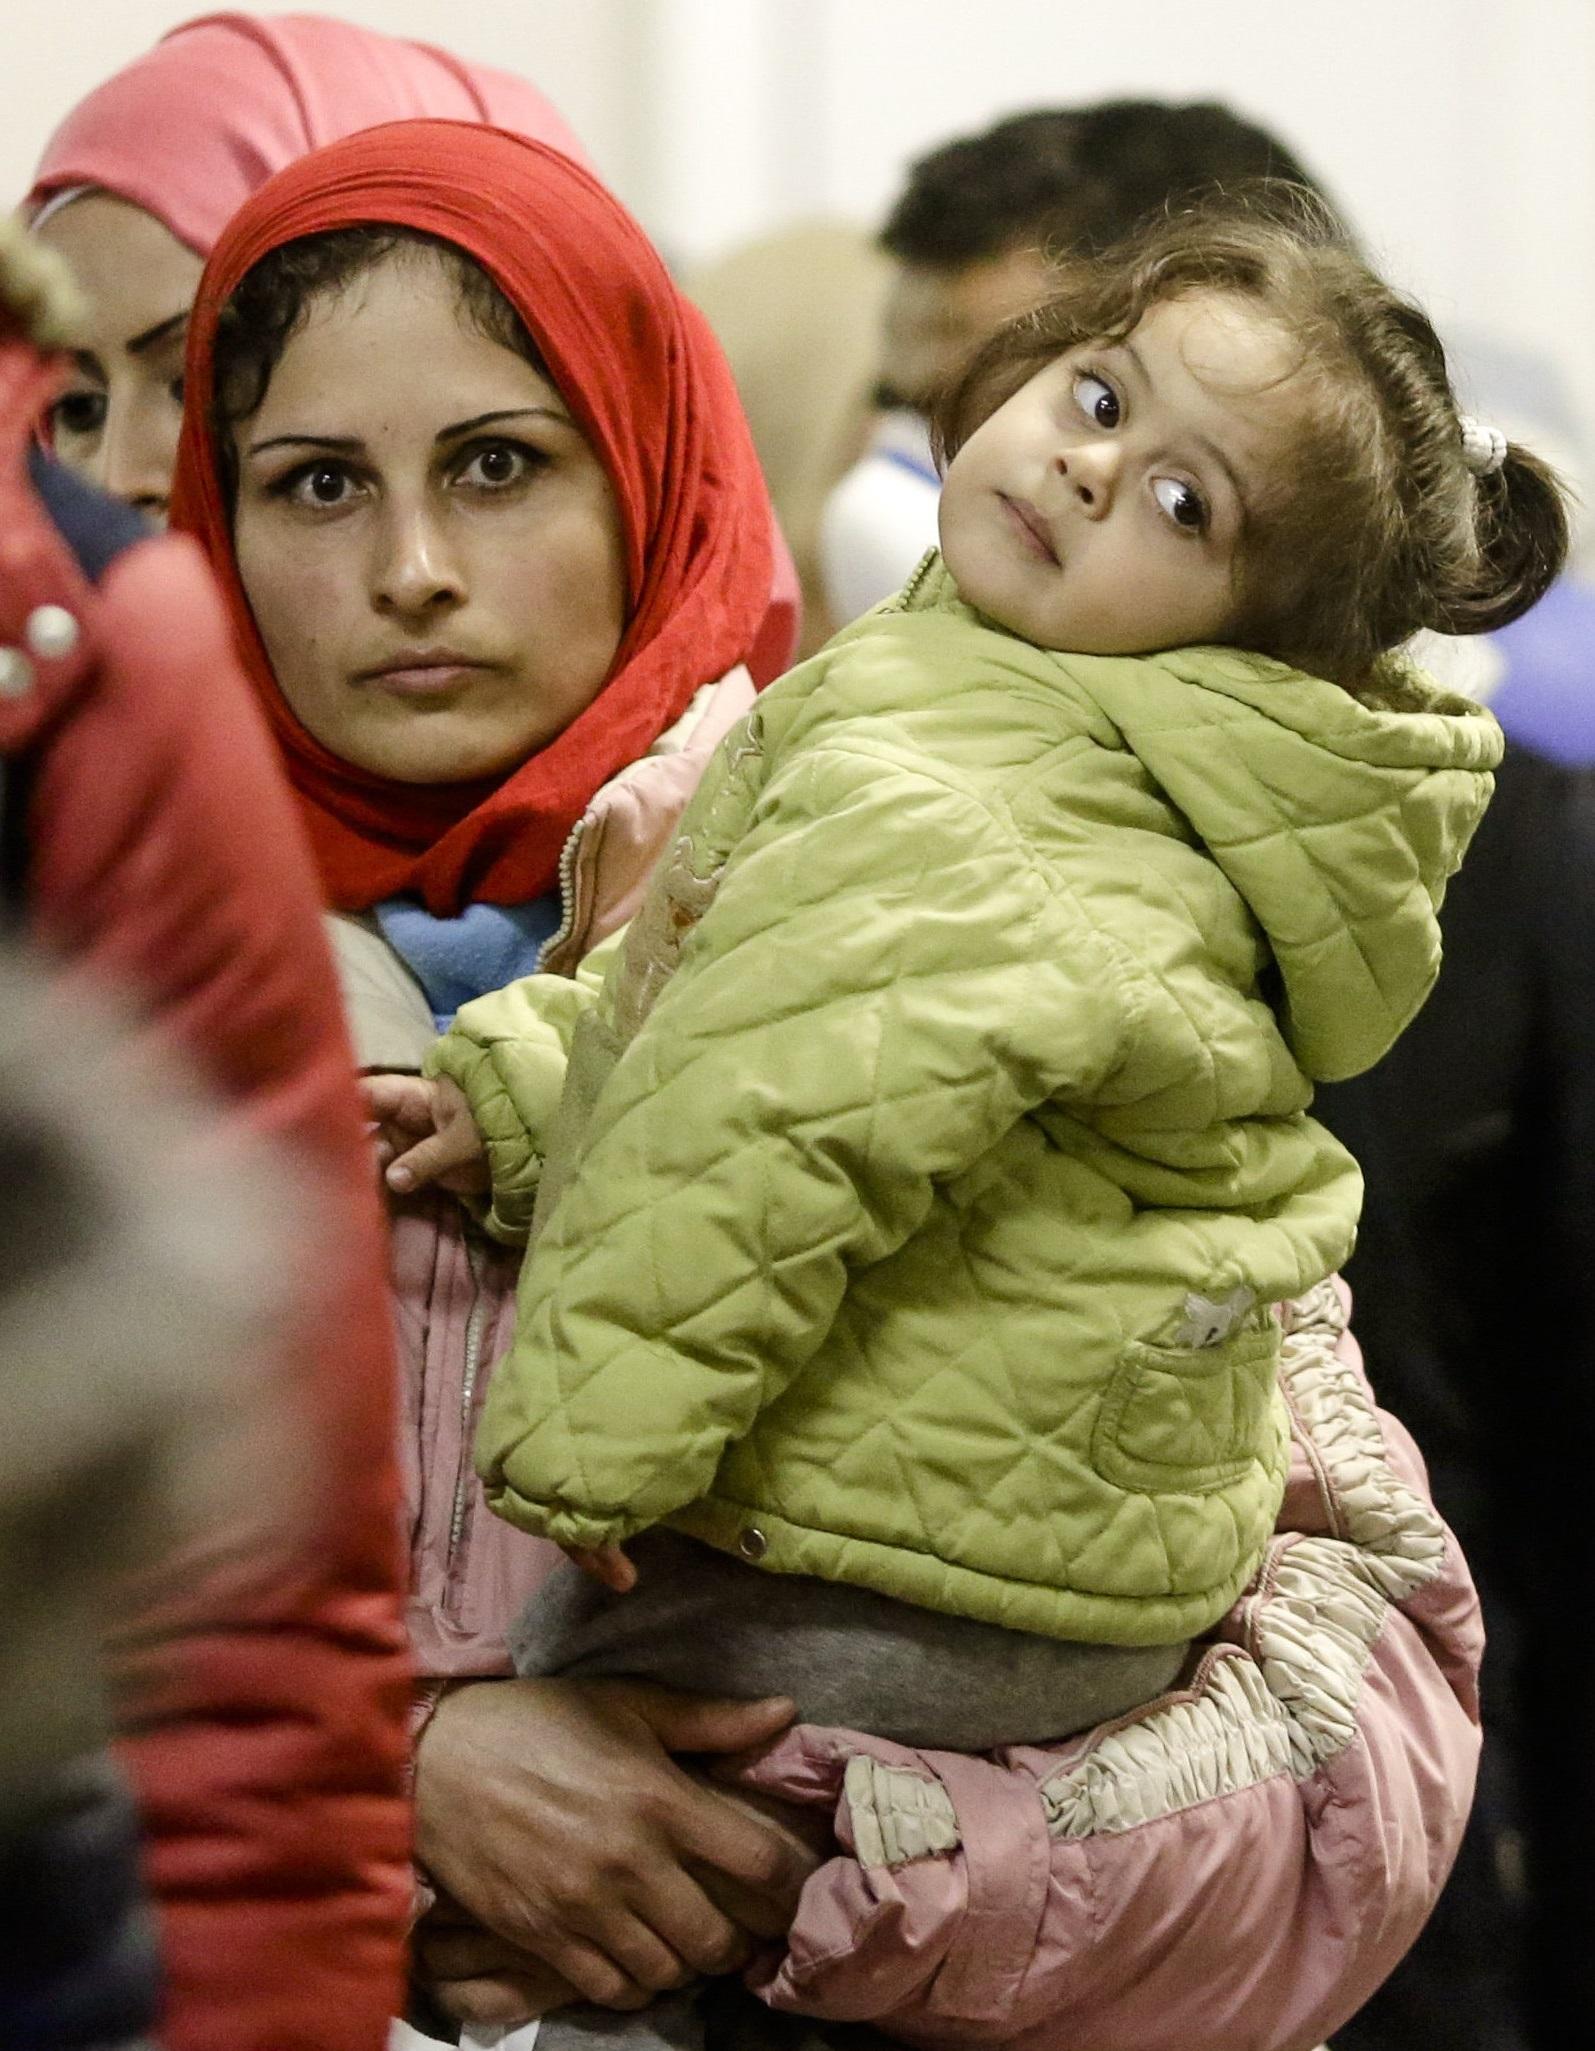 حملت المرأة السورية العبء الأكبر في الثورة والحرب بسوريا